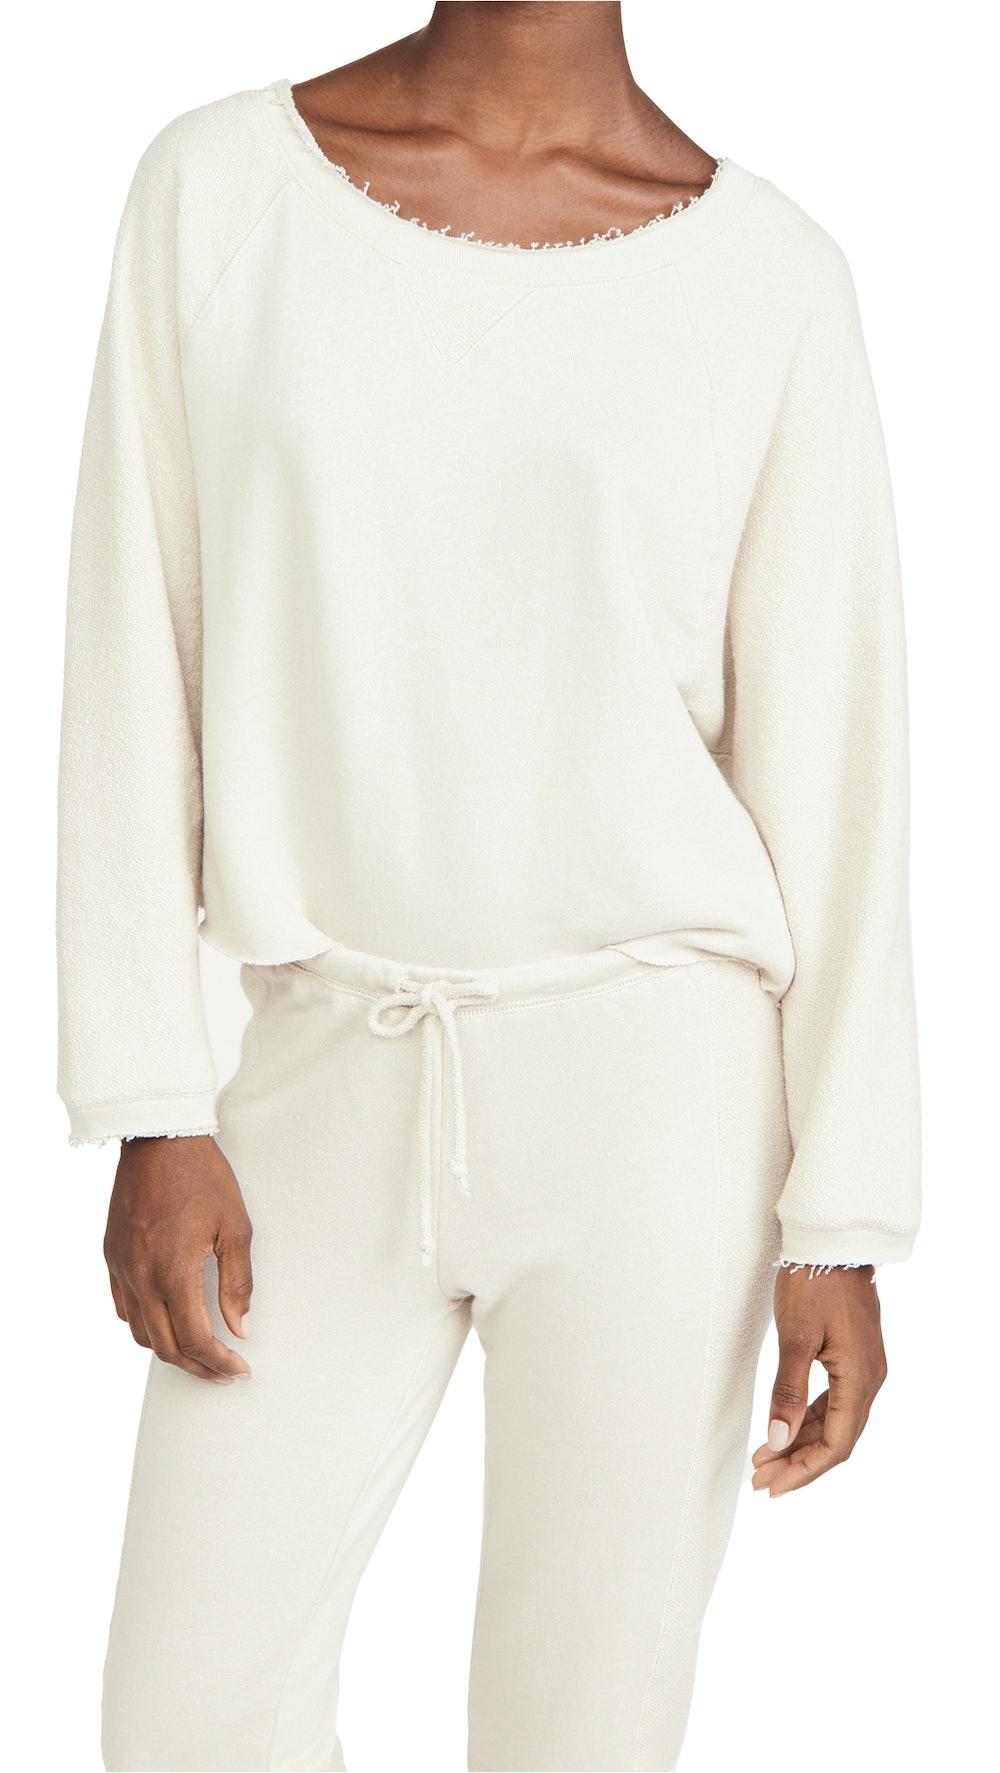 Combo Sweatshirt